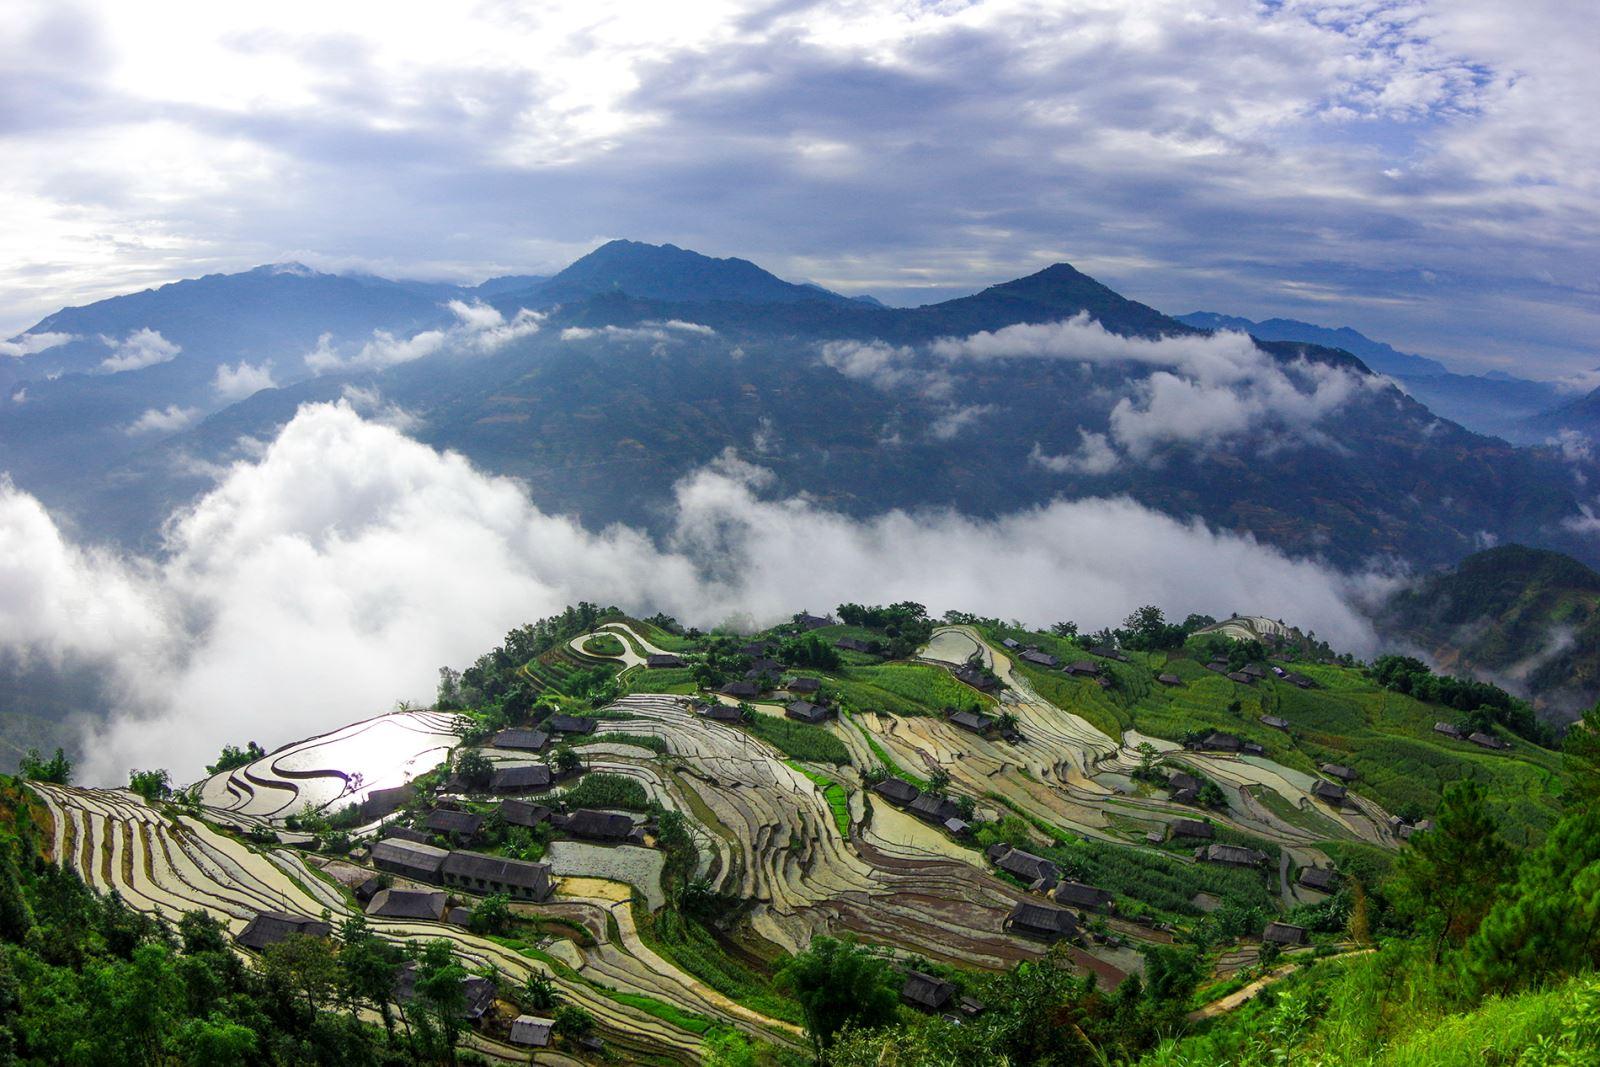 Vẻ đẹp kỳ vĩ của Bản Phùng ở huyện Hoàng Su Phì (Hà Giang).